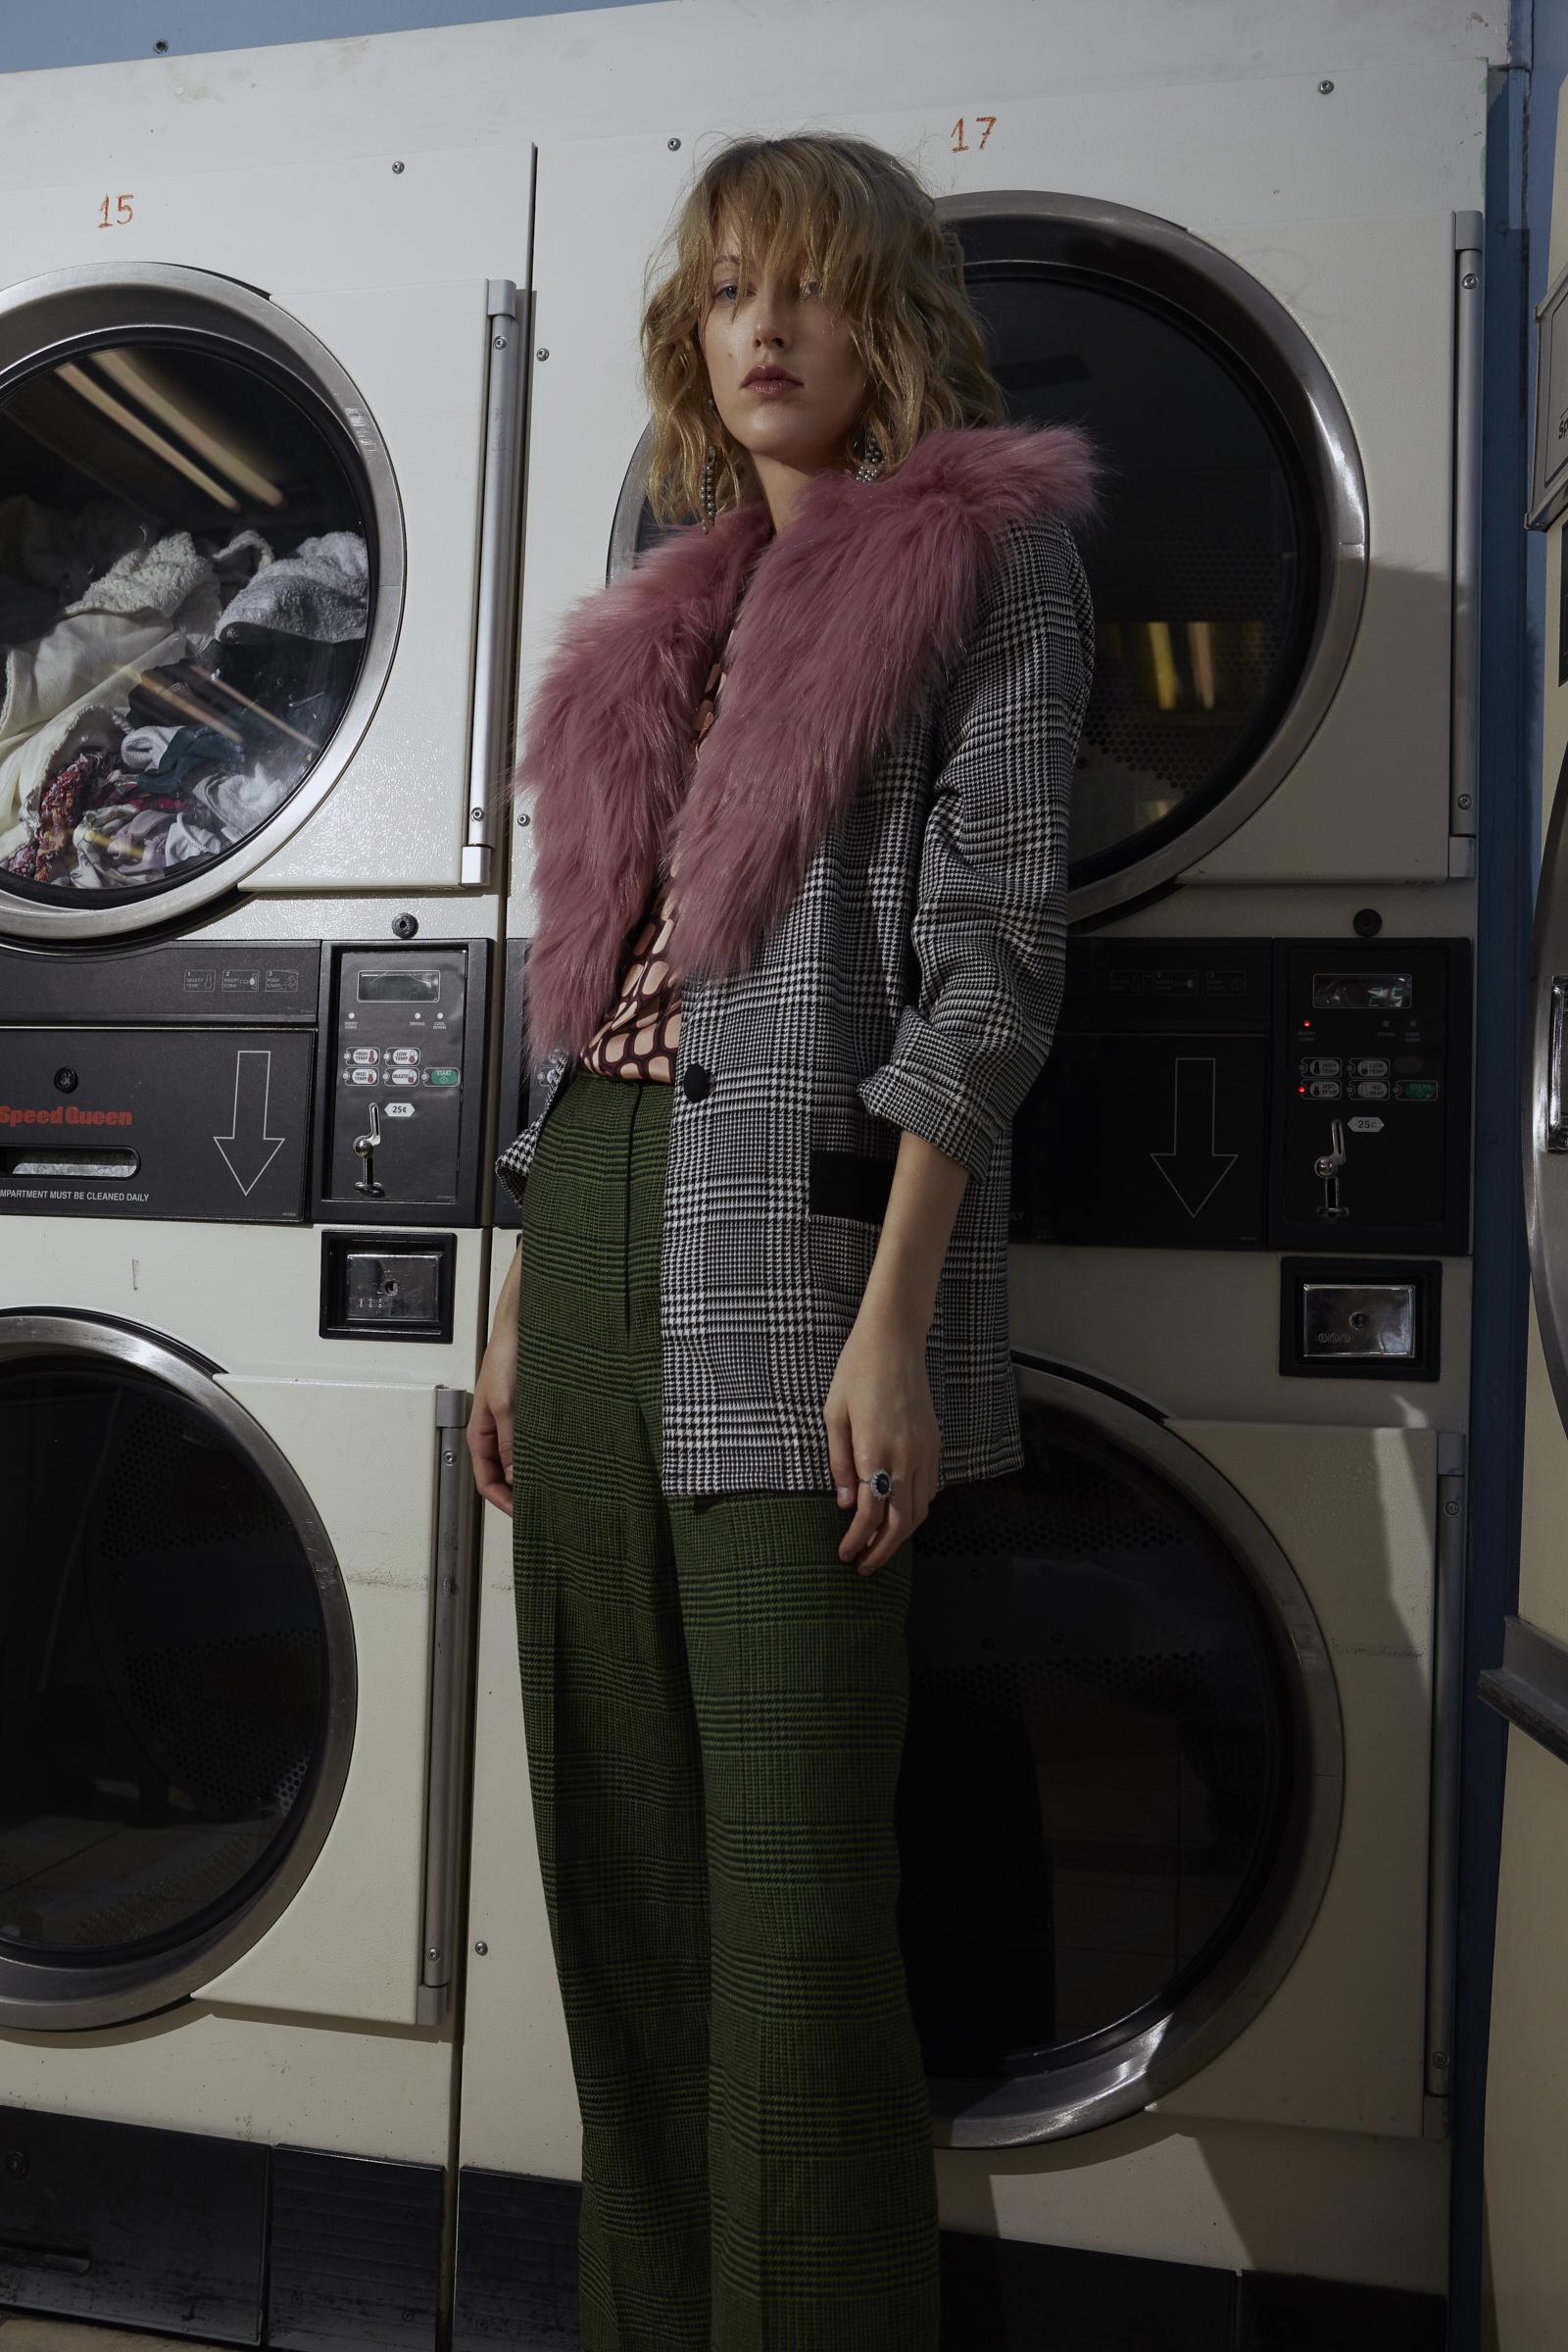 Drea_Laundry_Mat_7275.jpg